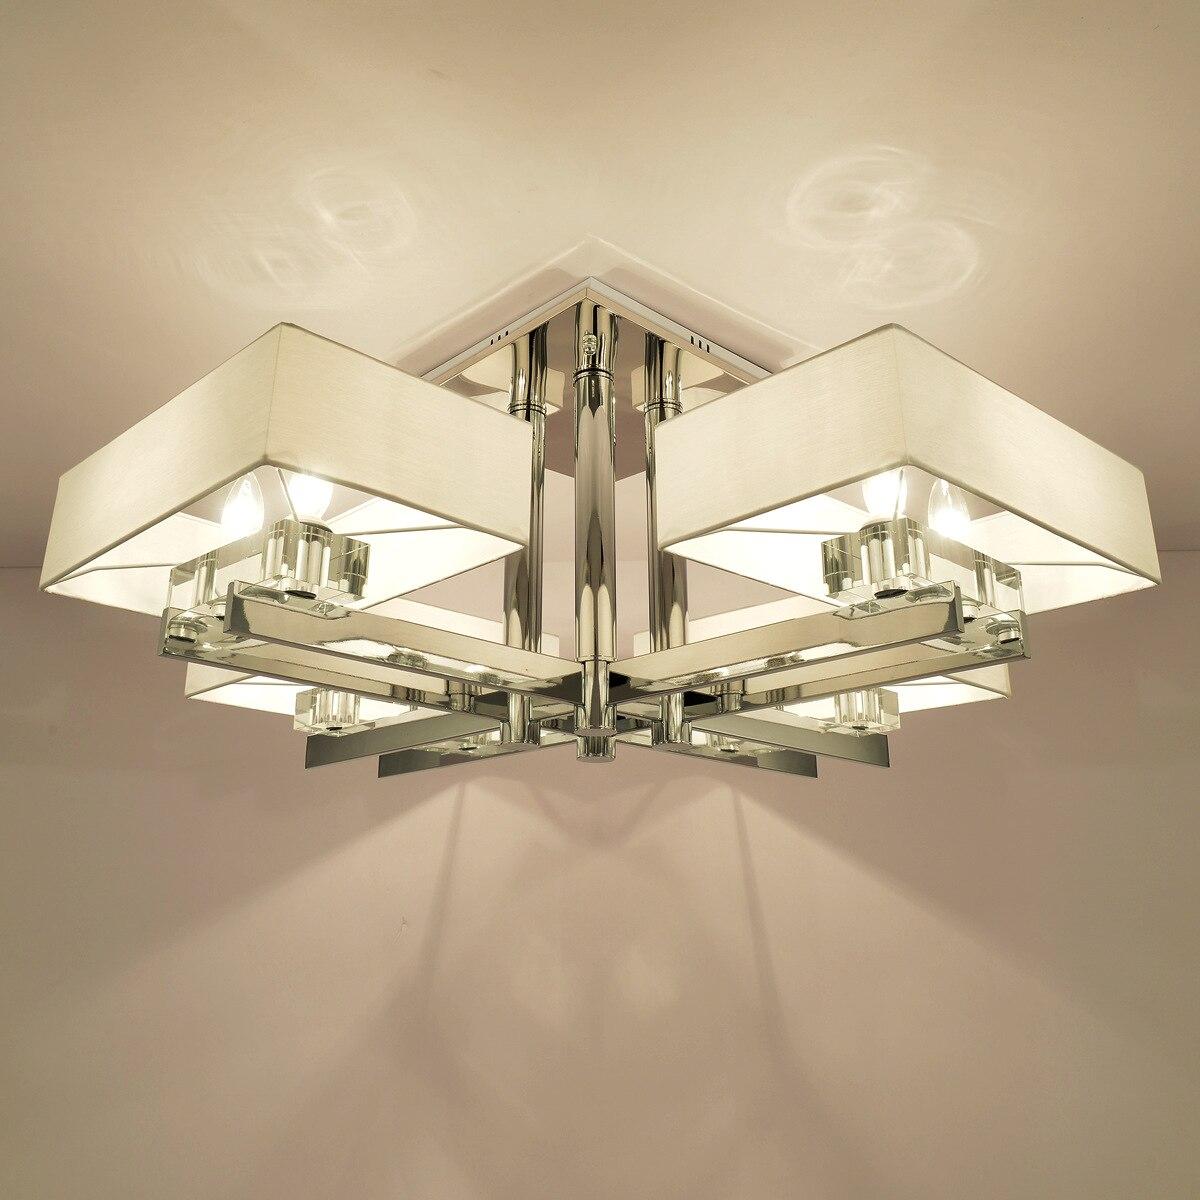 Full Size of Led Wohnzimmerlampe Wohnzimmerlampen Dimmbar Lampe E27 Fernbedienung Mit Funktioniert Nicht Wohnzimmer Lampen Amazon Ikea 3 Stufen Eiceo Einfache Kristall Wohnzimmer Led Wohnzimmerlampe